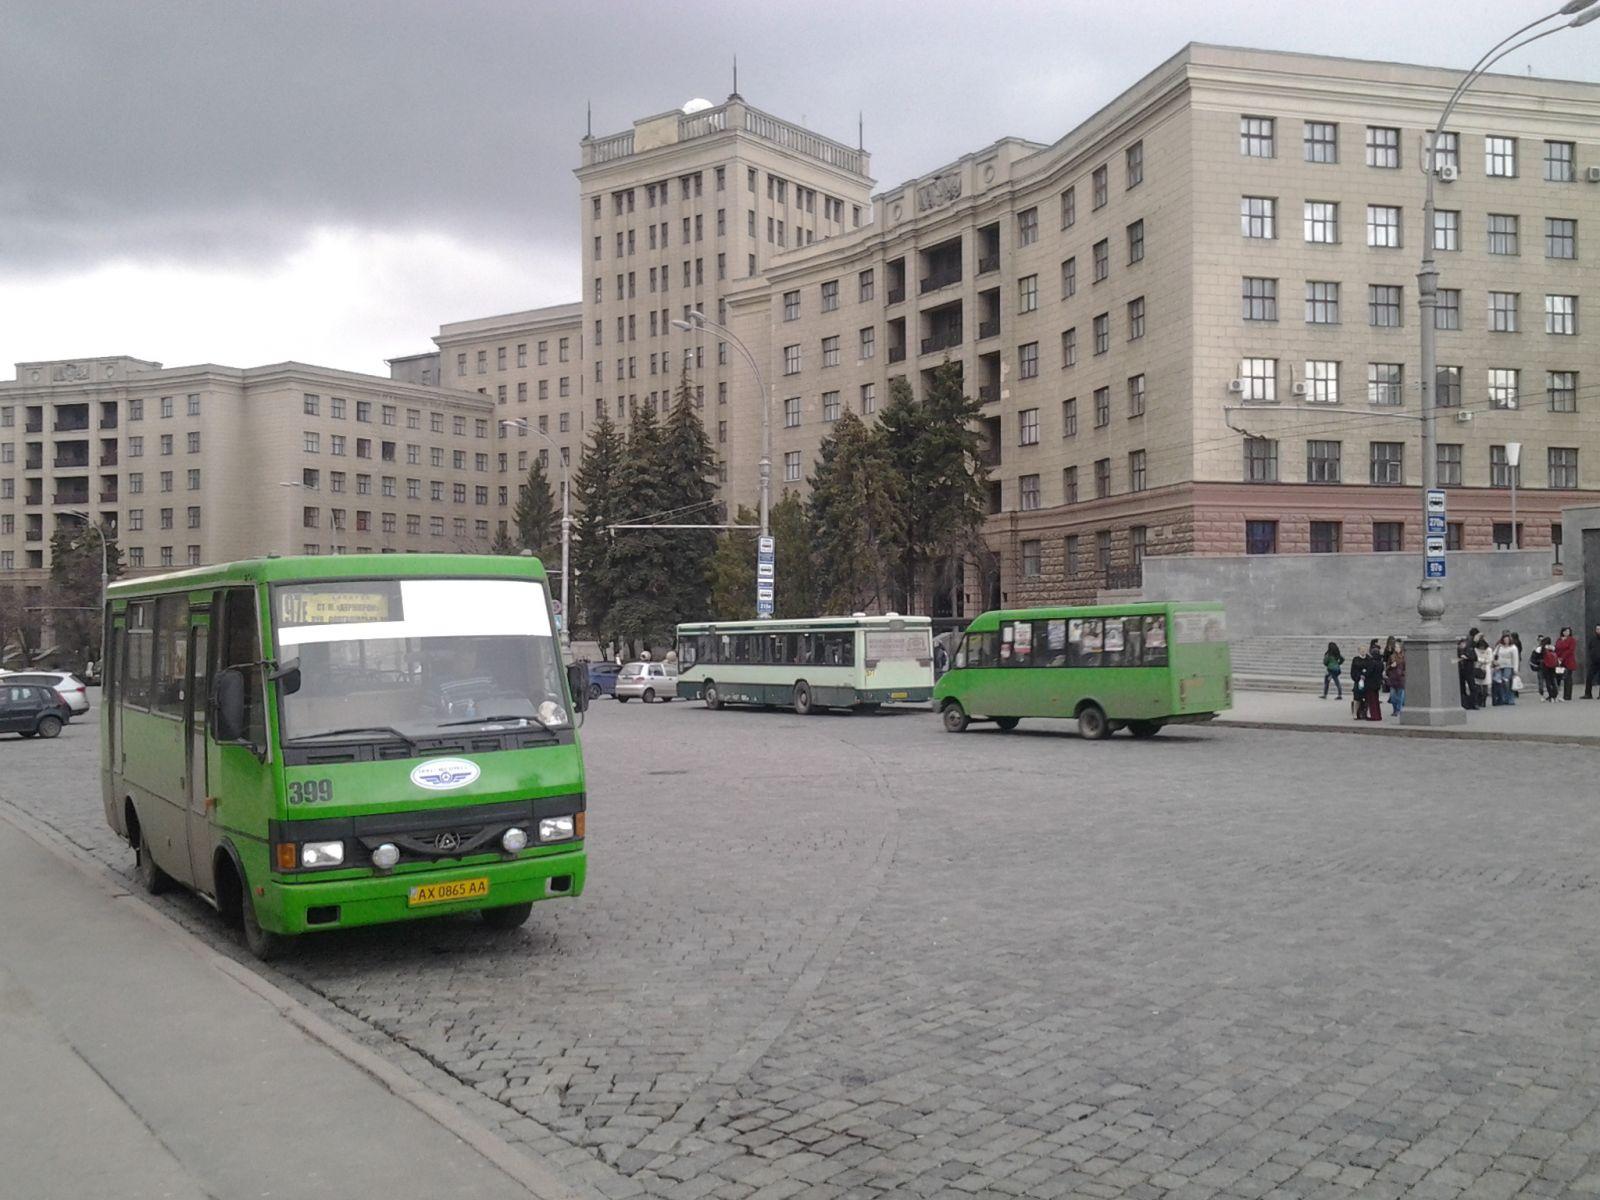 Харьковчане были в шоке от поступка араба в автобусе